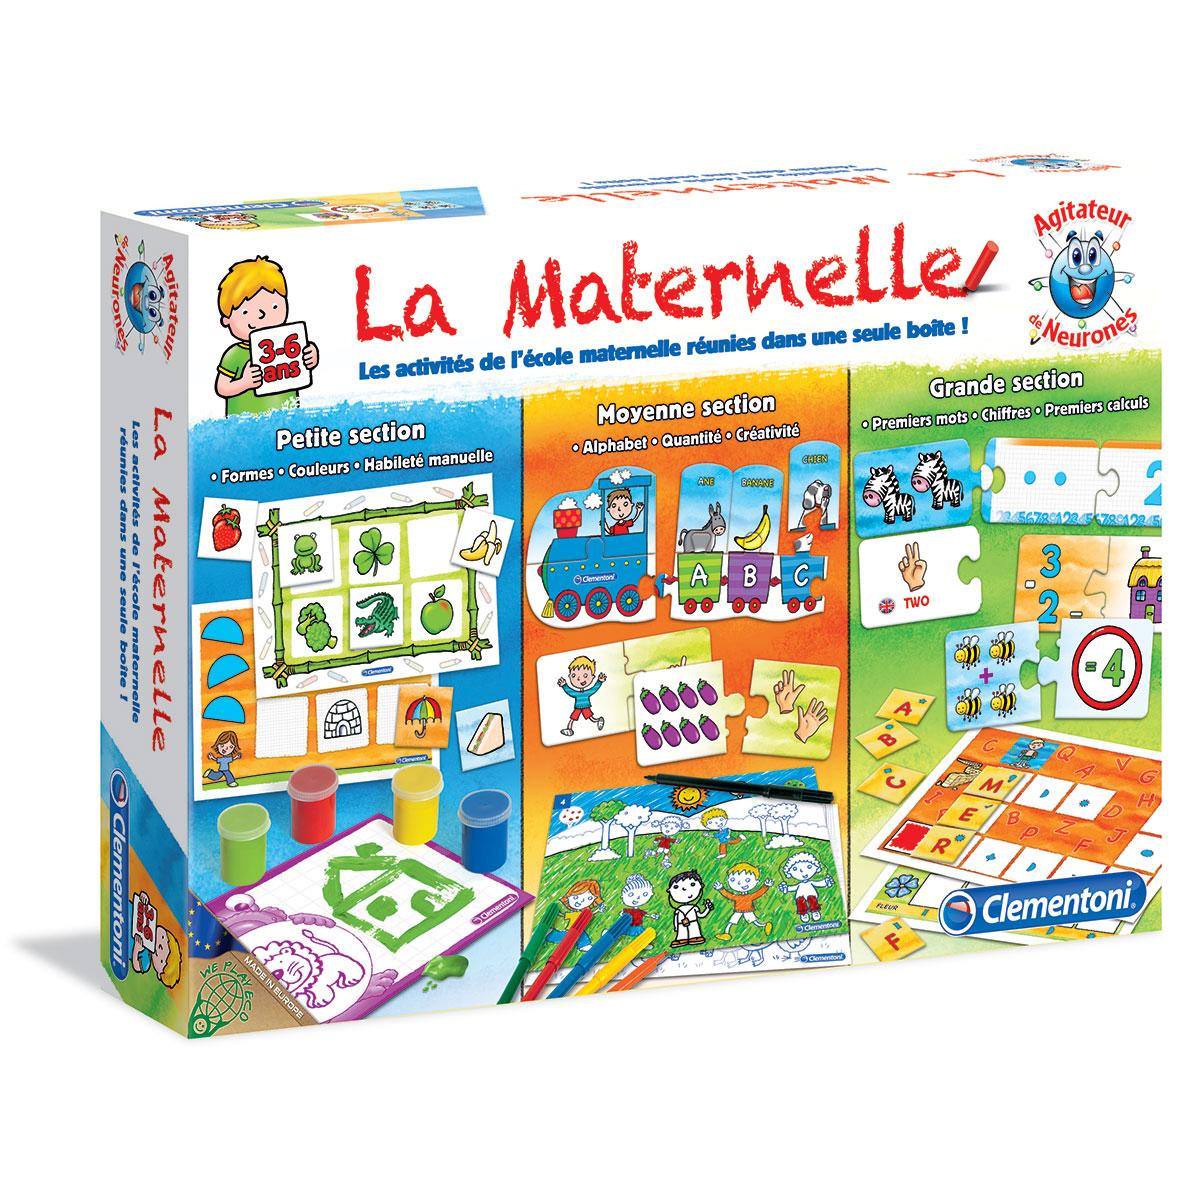 ᐅ Jeu Éducatif 3 Ans, Comment Acheter Le Meilleur. 2019 ? encequiconcerne Jeux Educatif Maternelle Petite Section